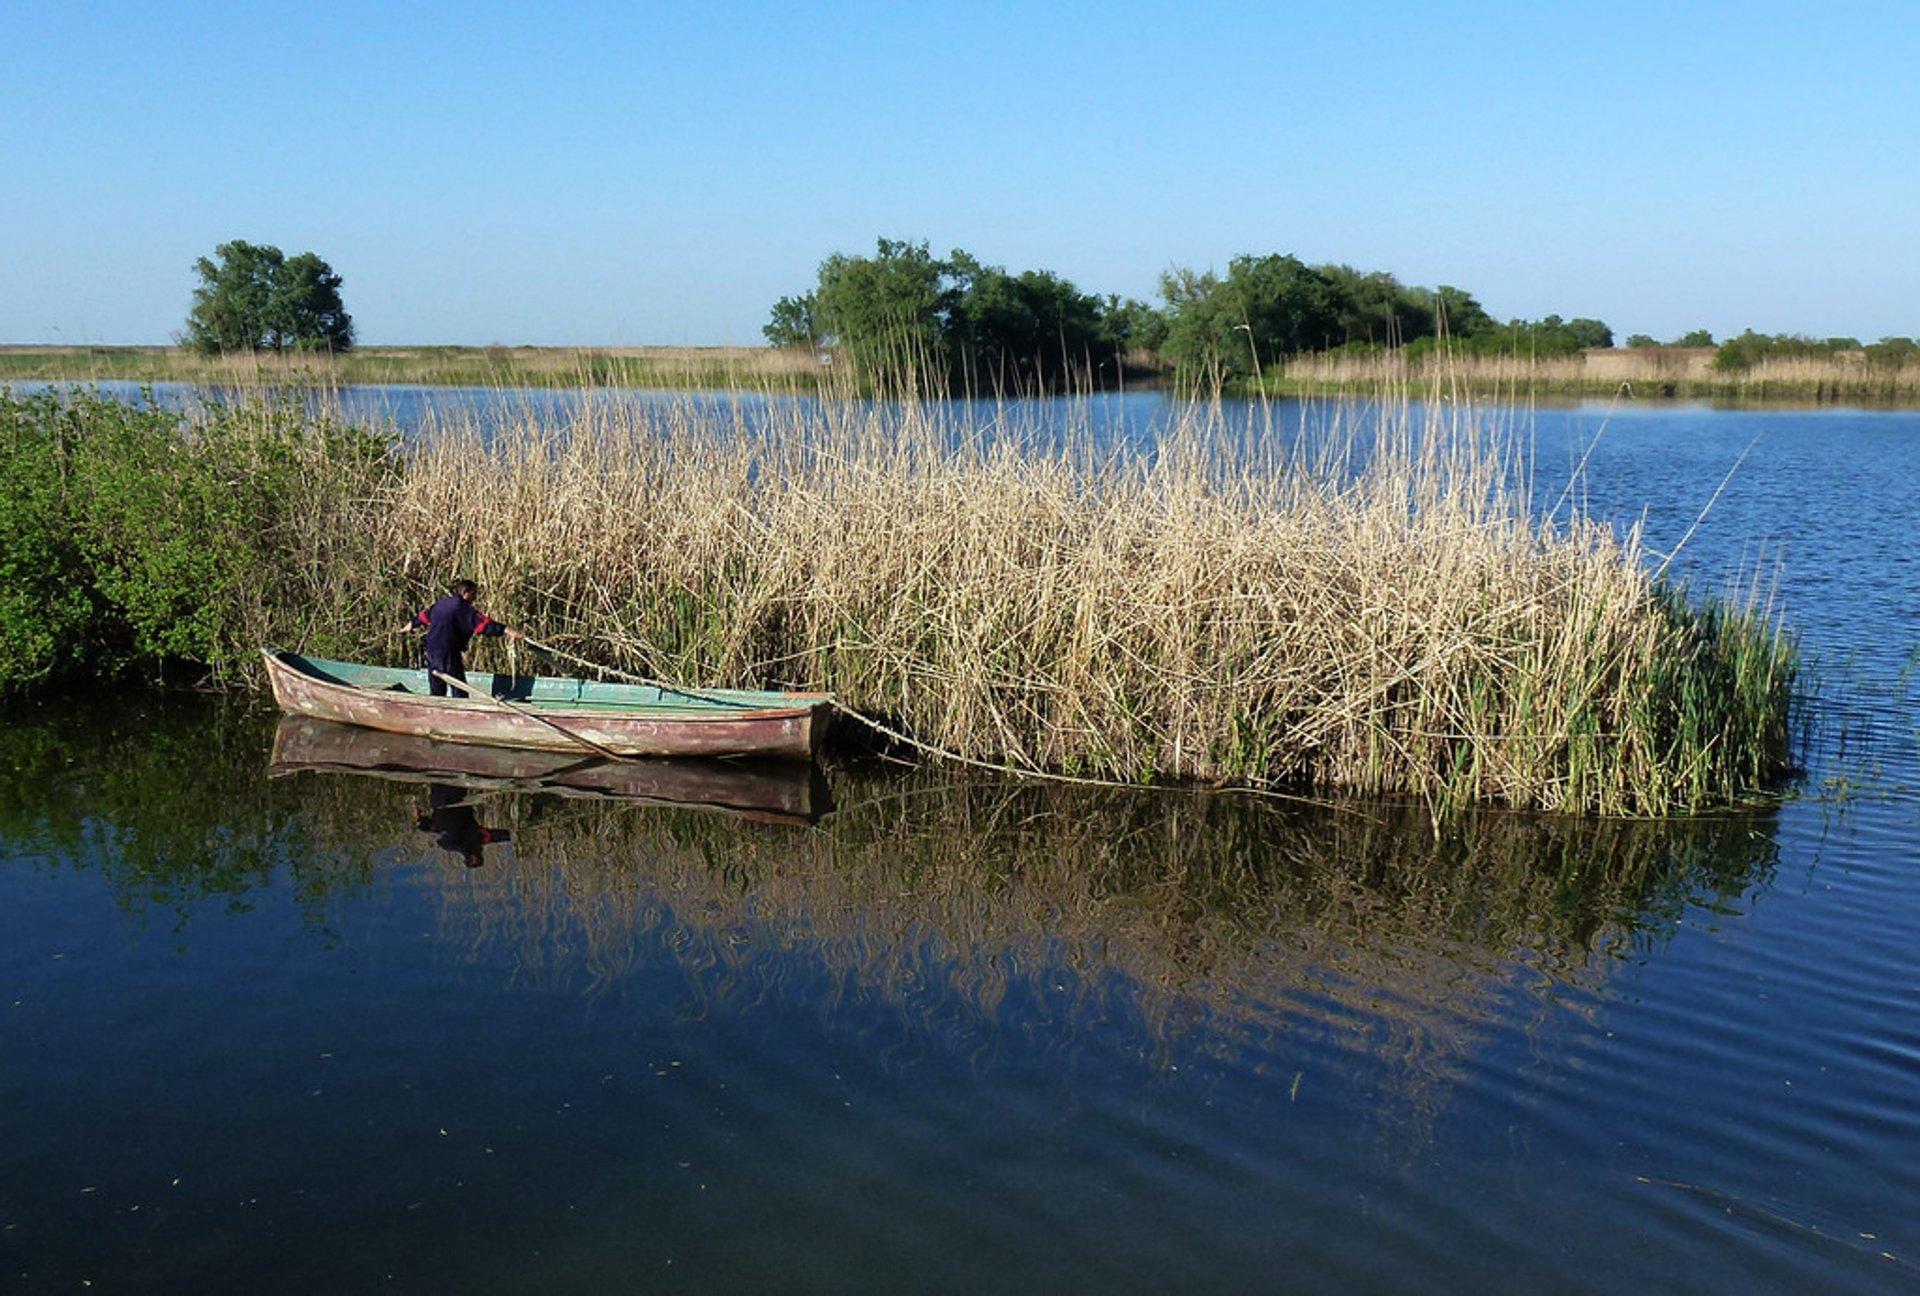 Local fisherman in the Danube Delta 2019